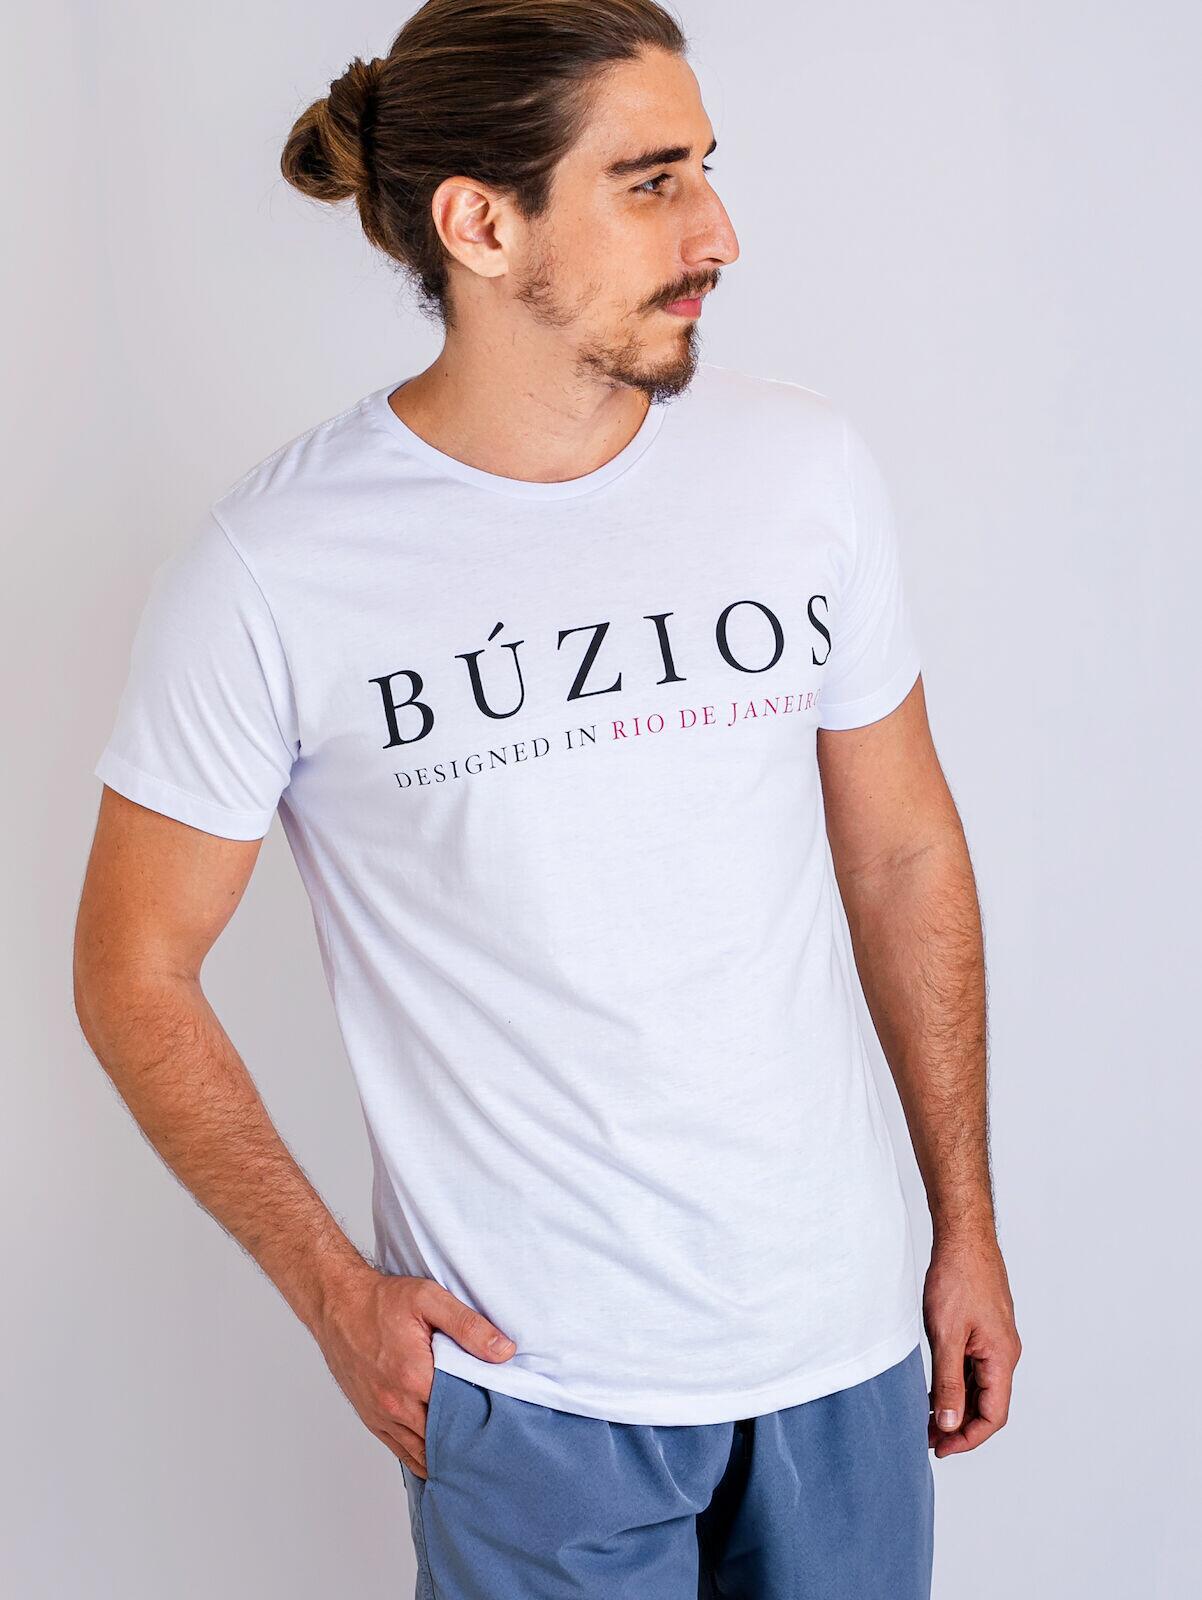 CAMISETA BUZIOS DESIGN